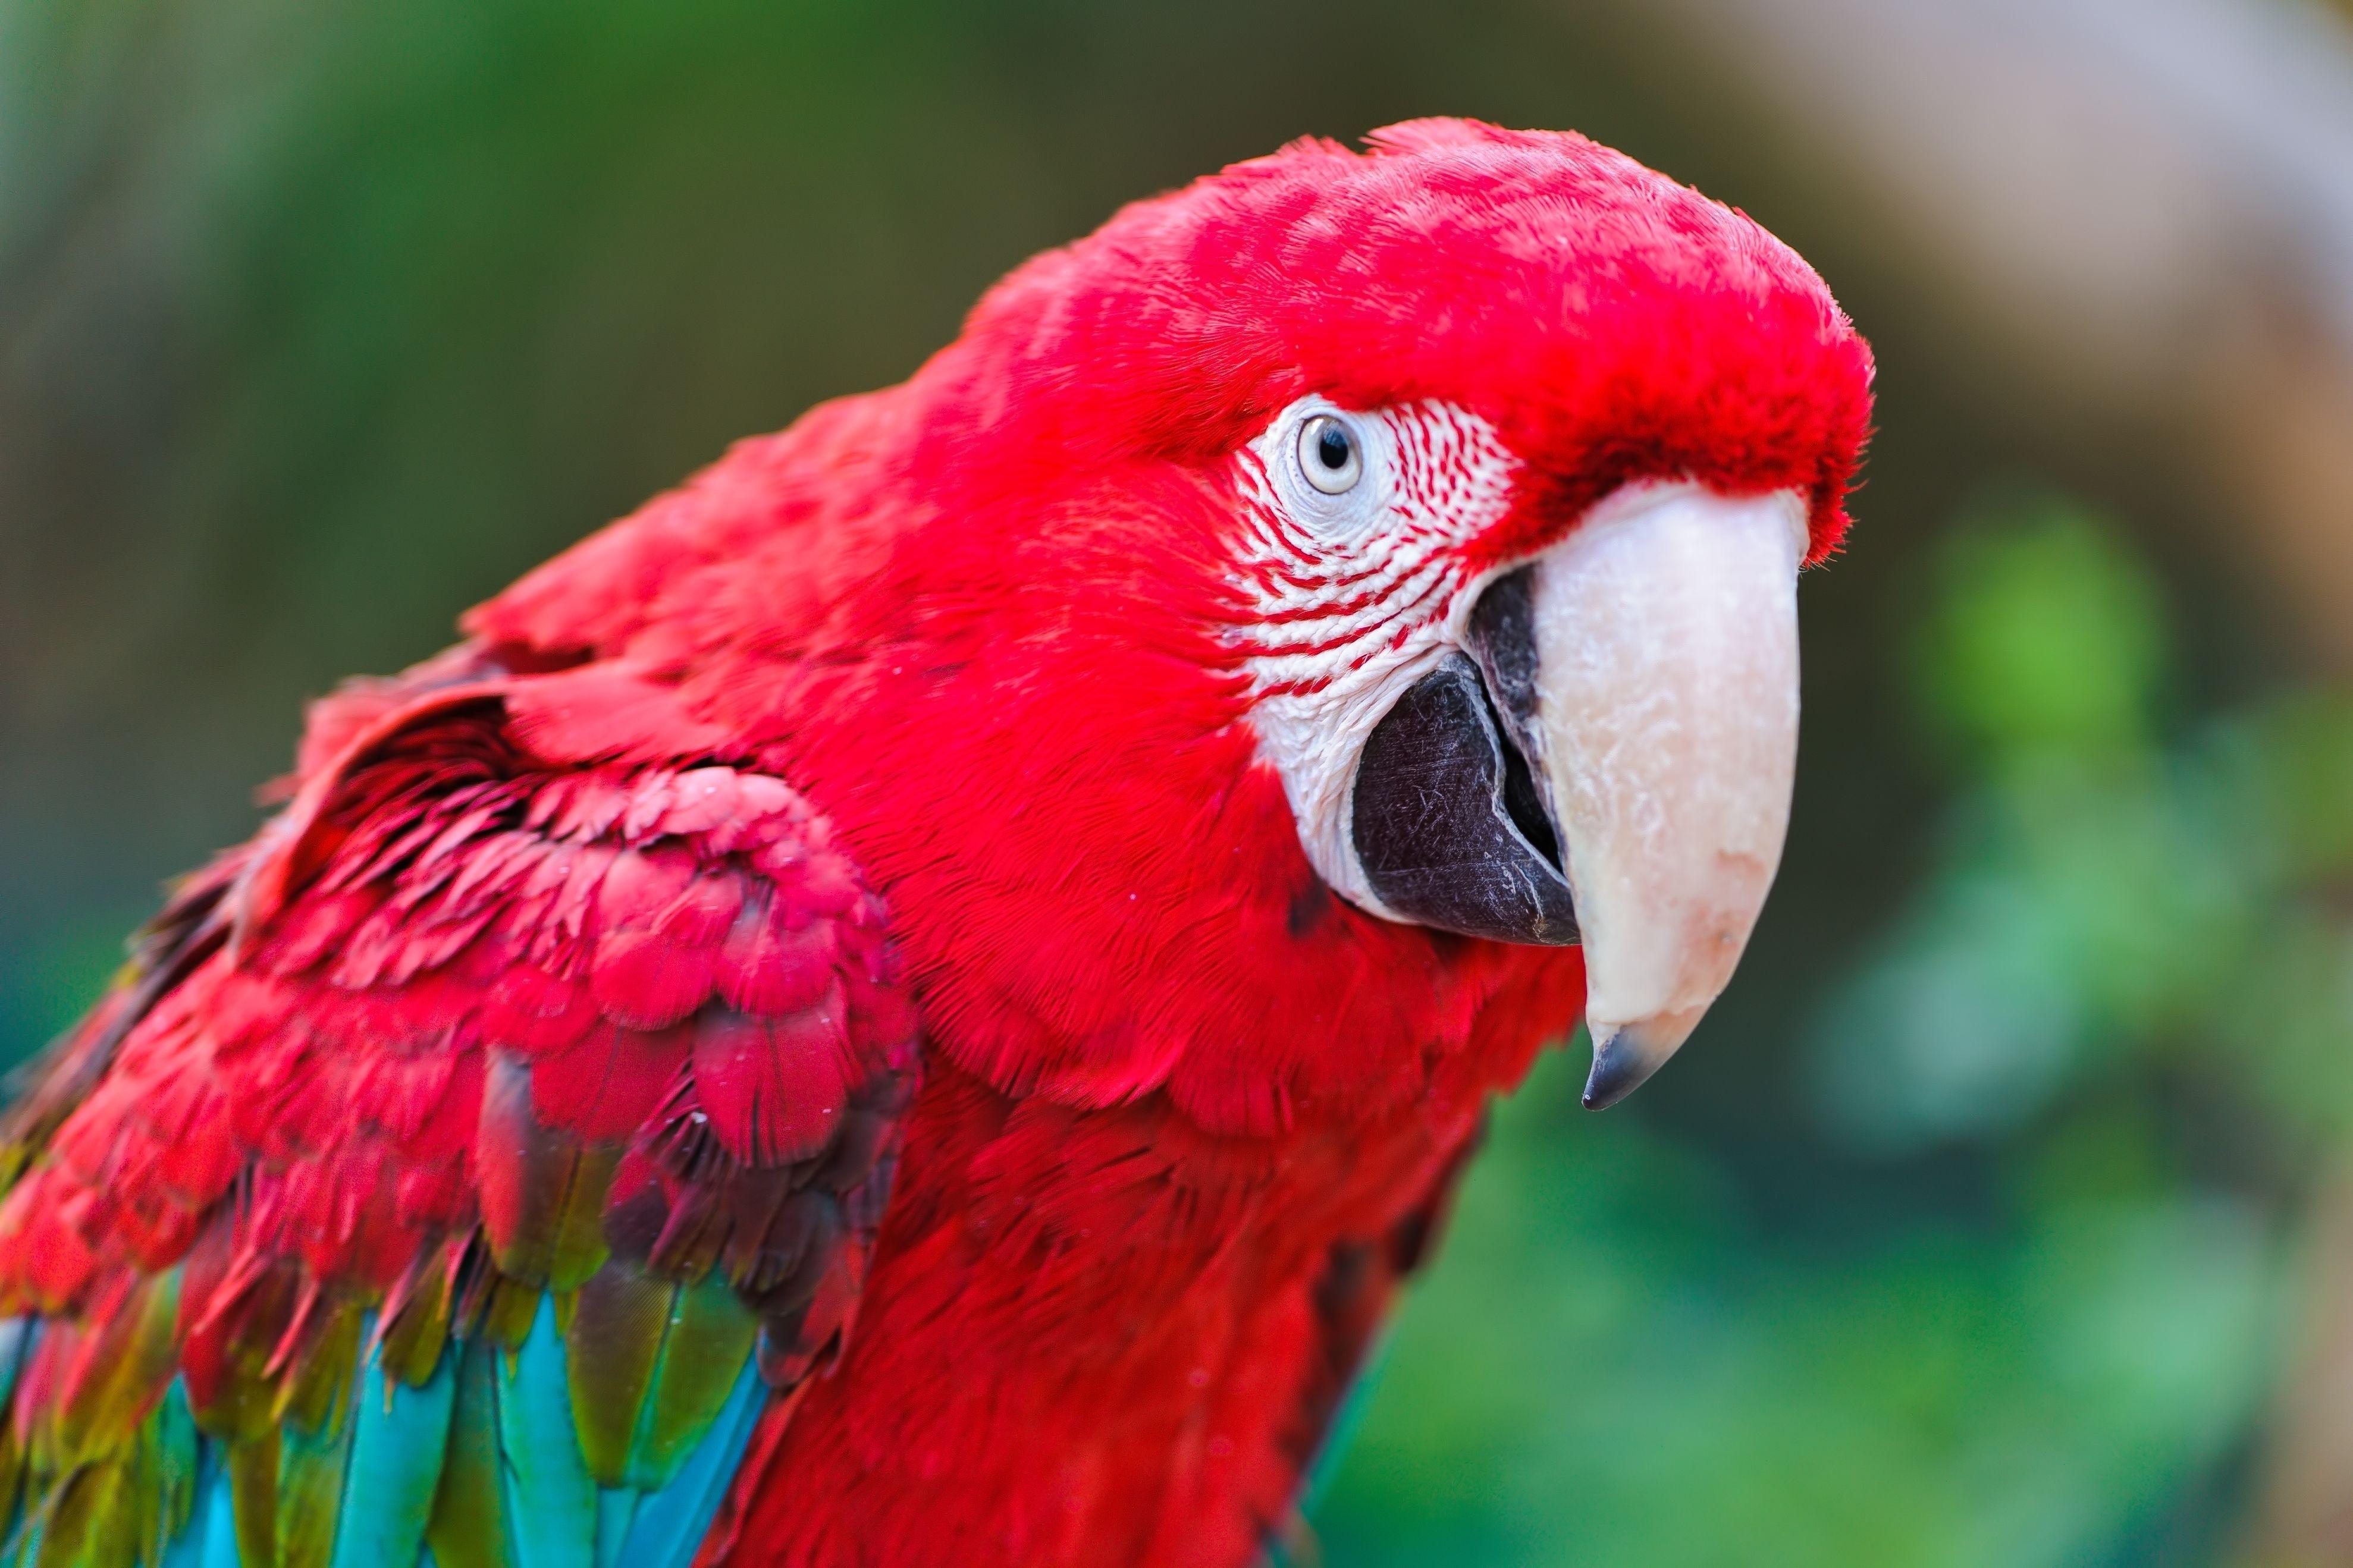 128118 скачать обои Животные, Попугаи, Клюв, Окрас, Красный - заставки и картинки бесплатно